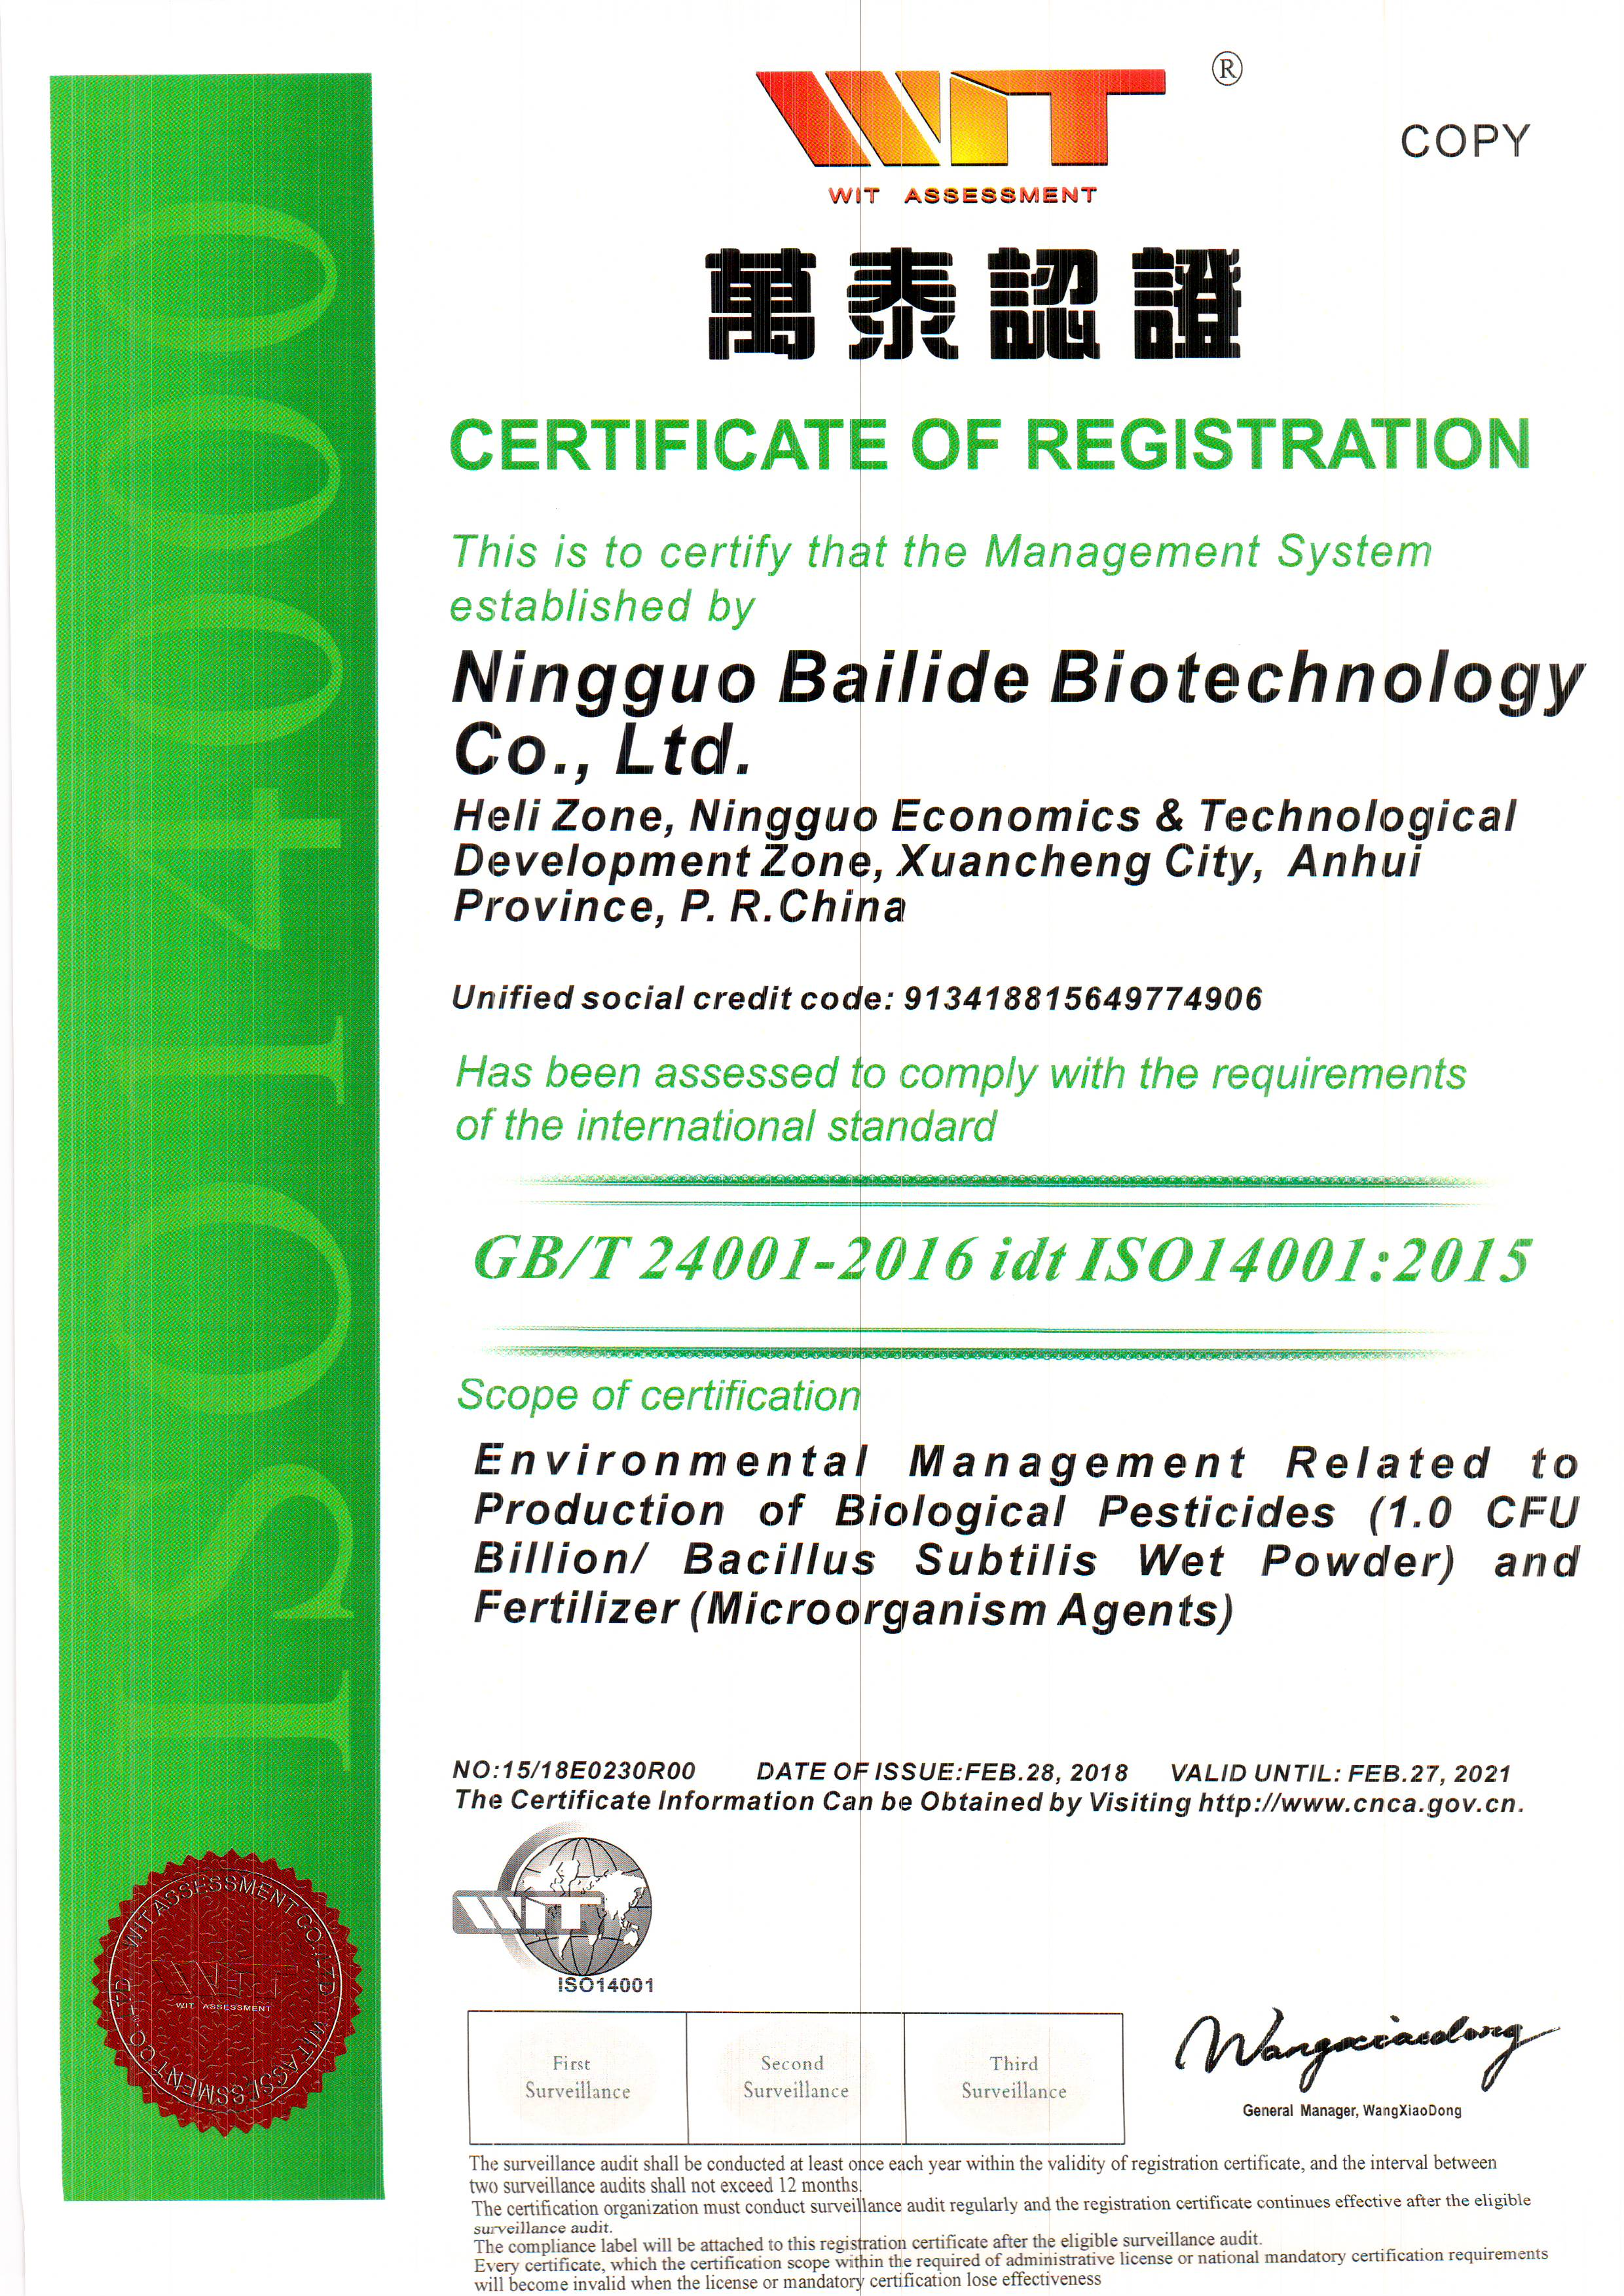 20180228英文副本10億枯草和肥料ISO14001;2015